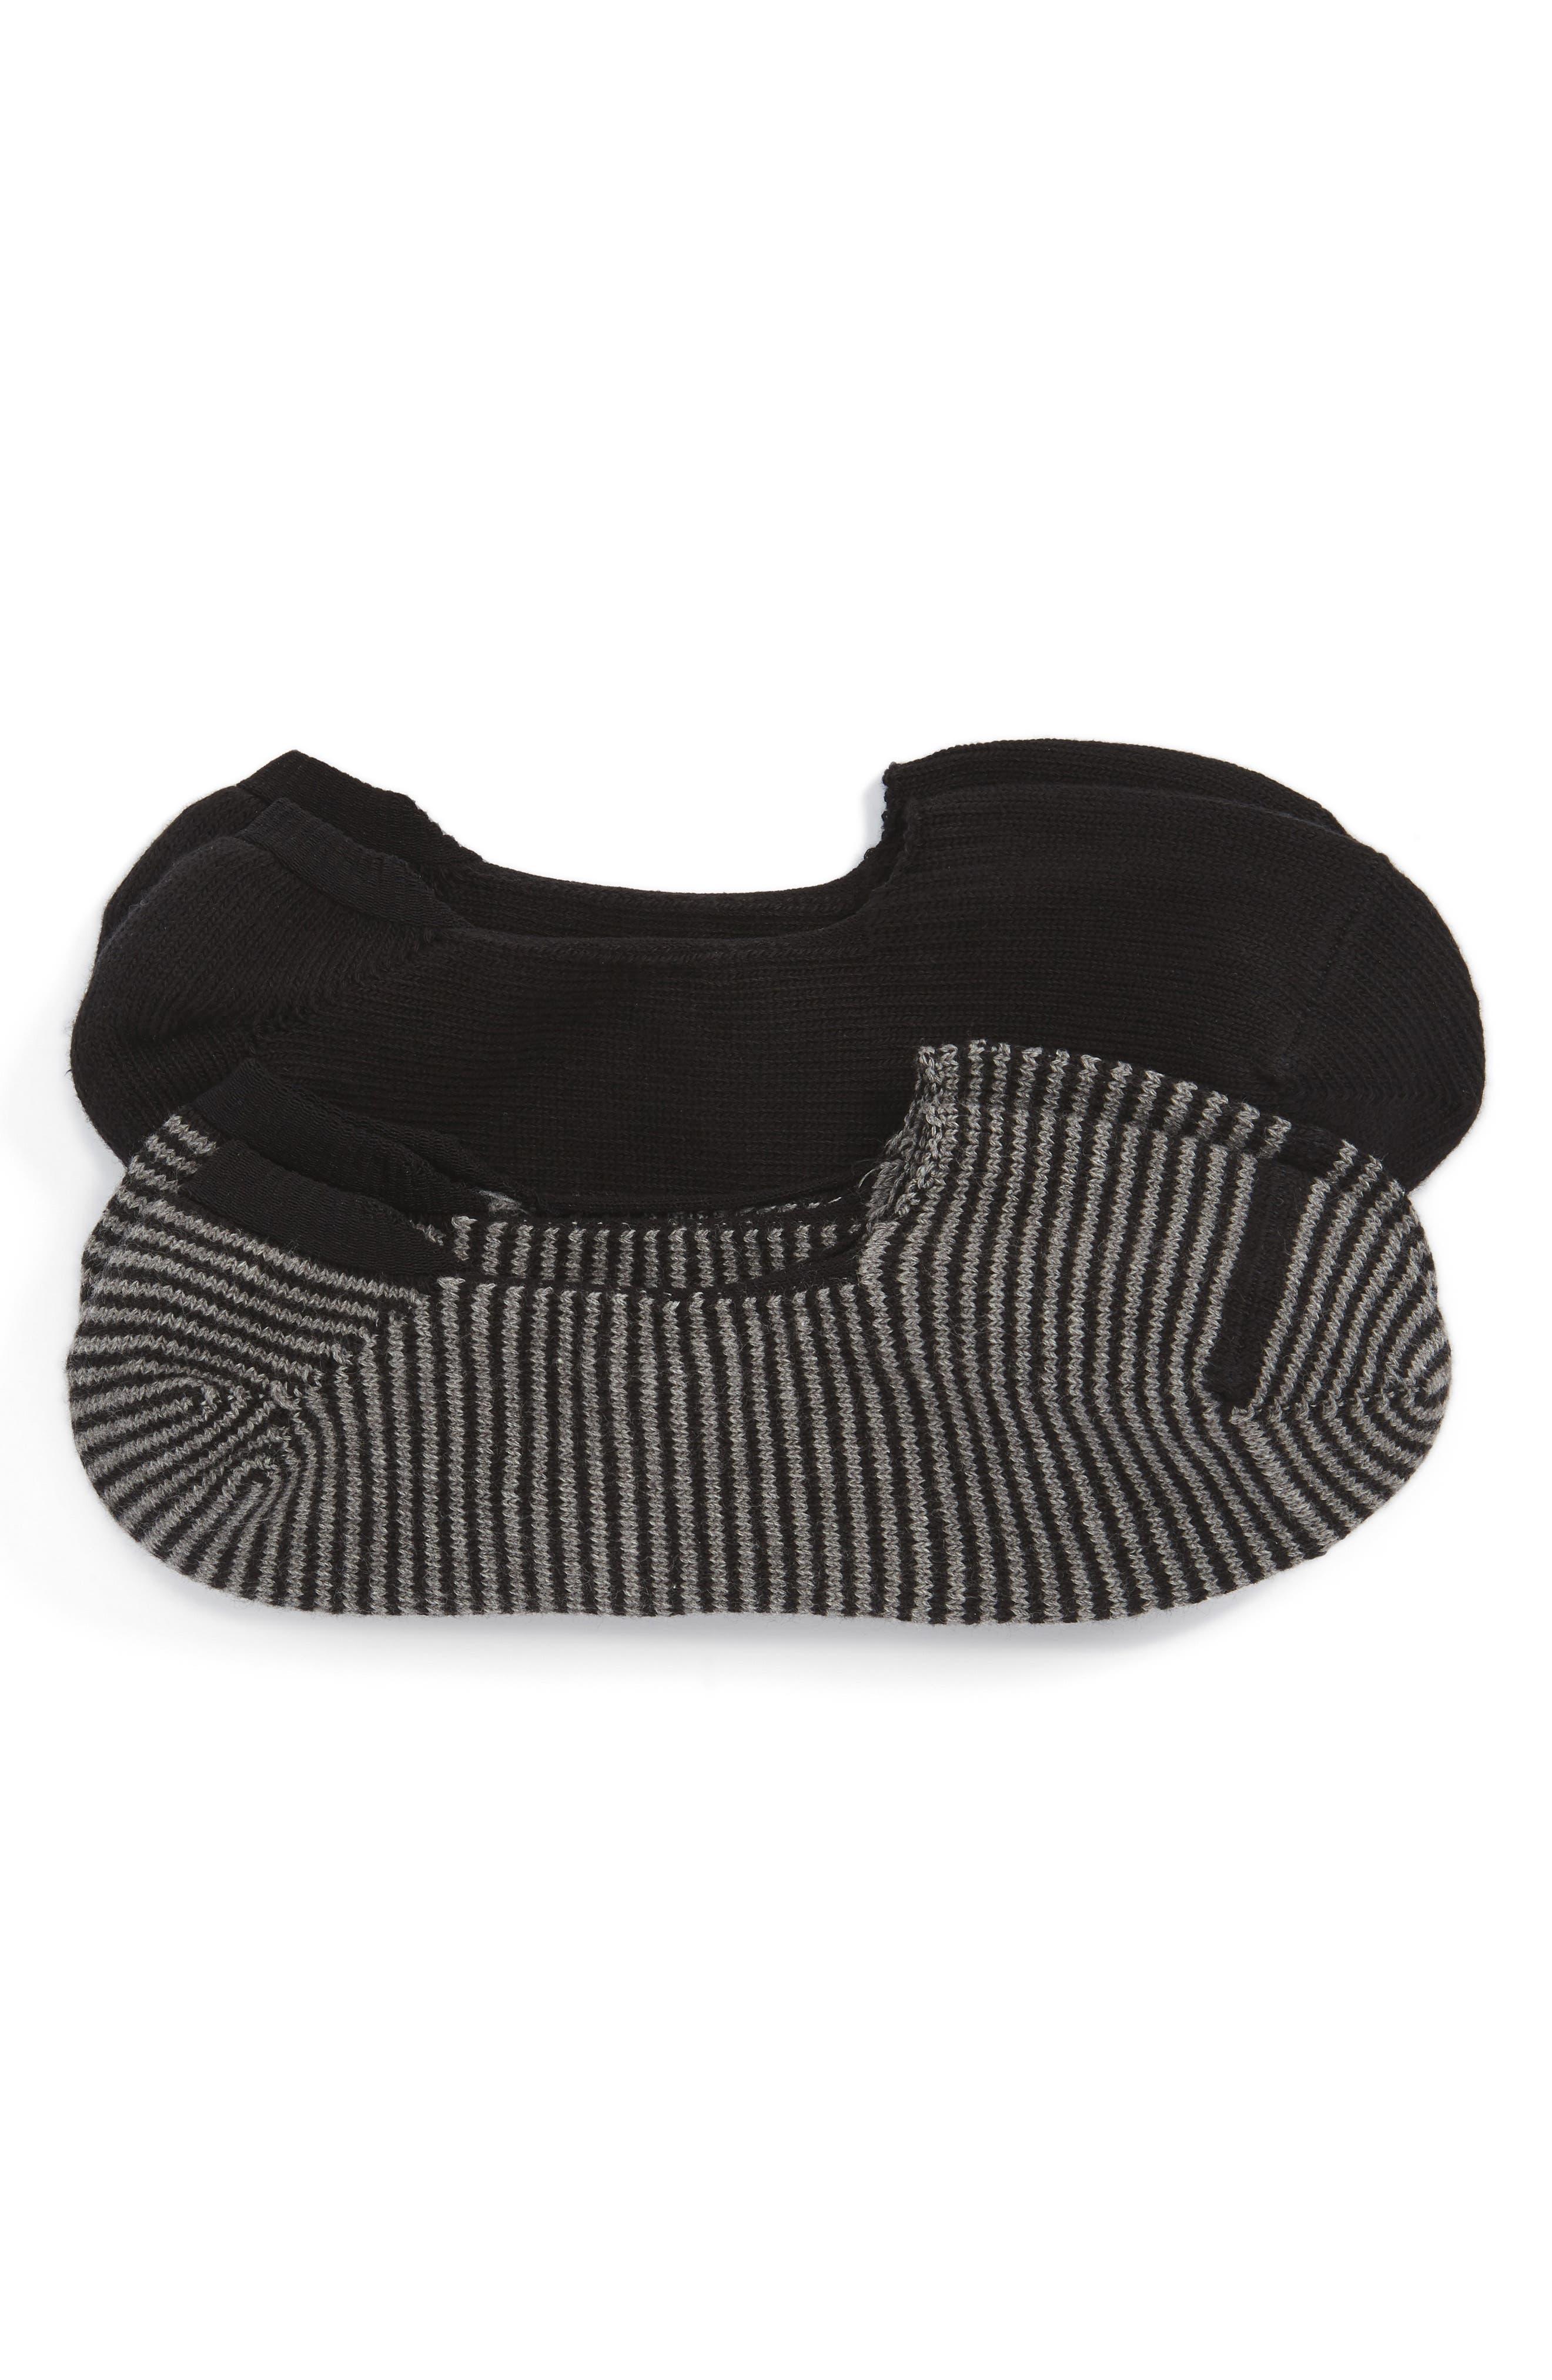 NORDSTROM MENS SHOP 2-Pack Loafer Liner Socks